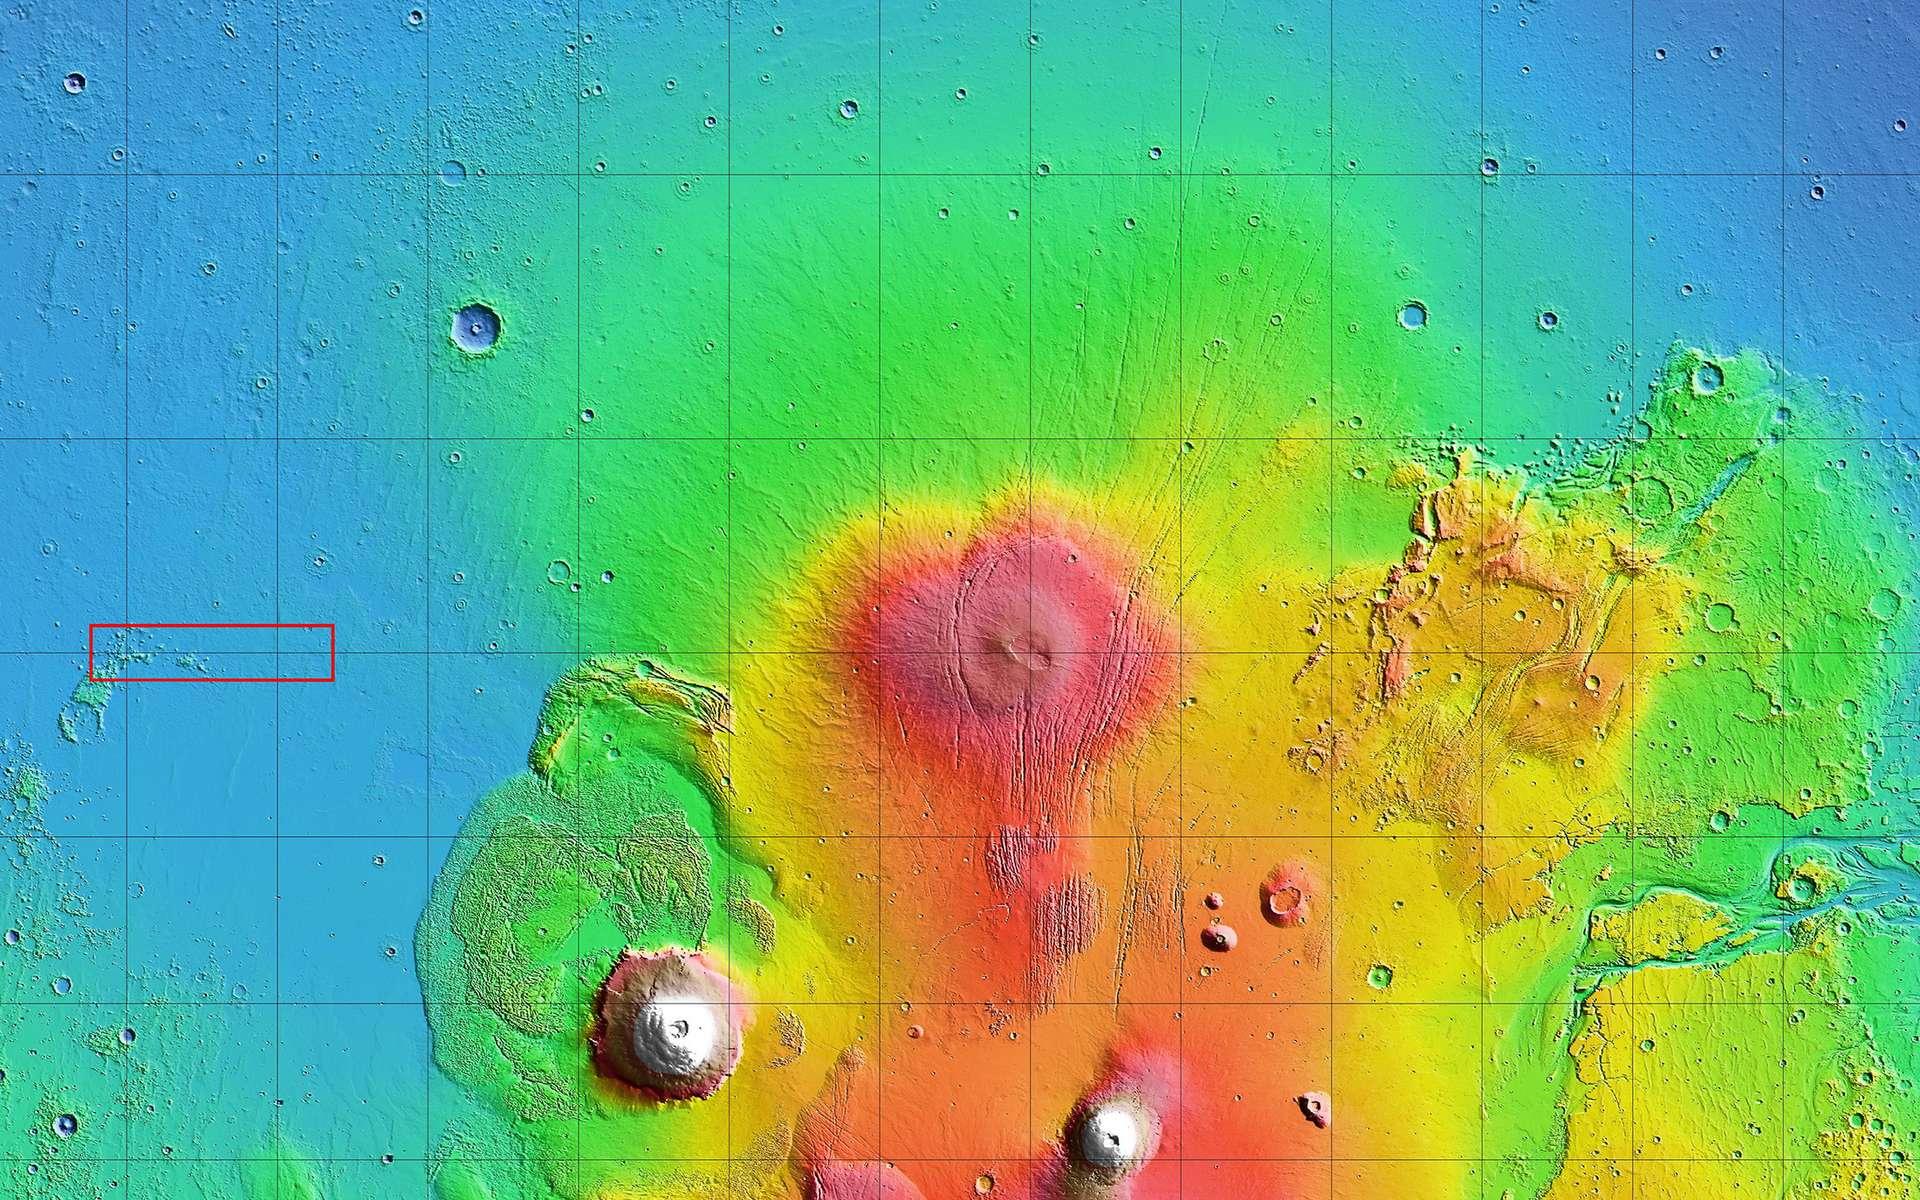 Le rectangle rouge représente la zone à l'intérieur de laquelle la Nasa et SpaceX ont identifié plusieurs sites d'atterrissage potentiels pour le Starship. © Nasa, Mola Science Team